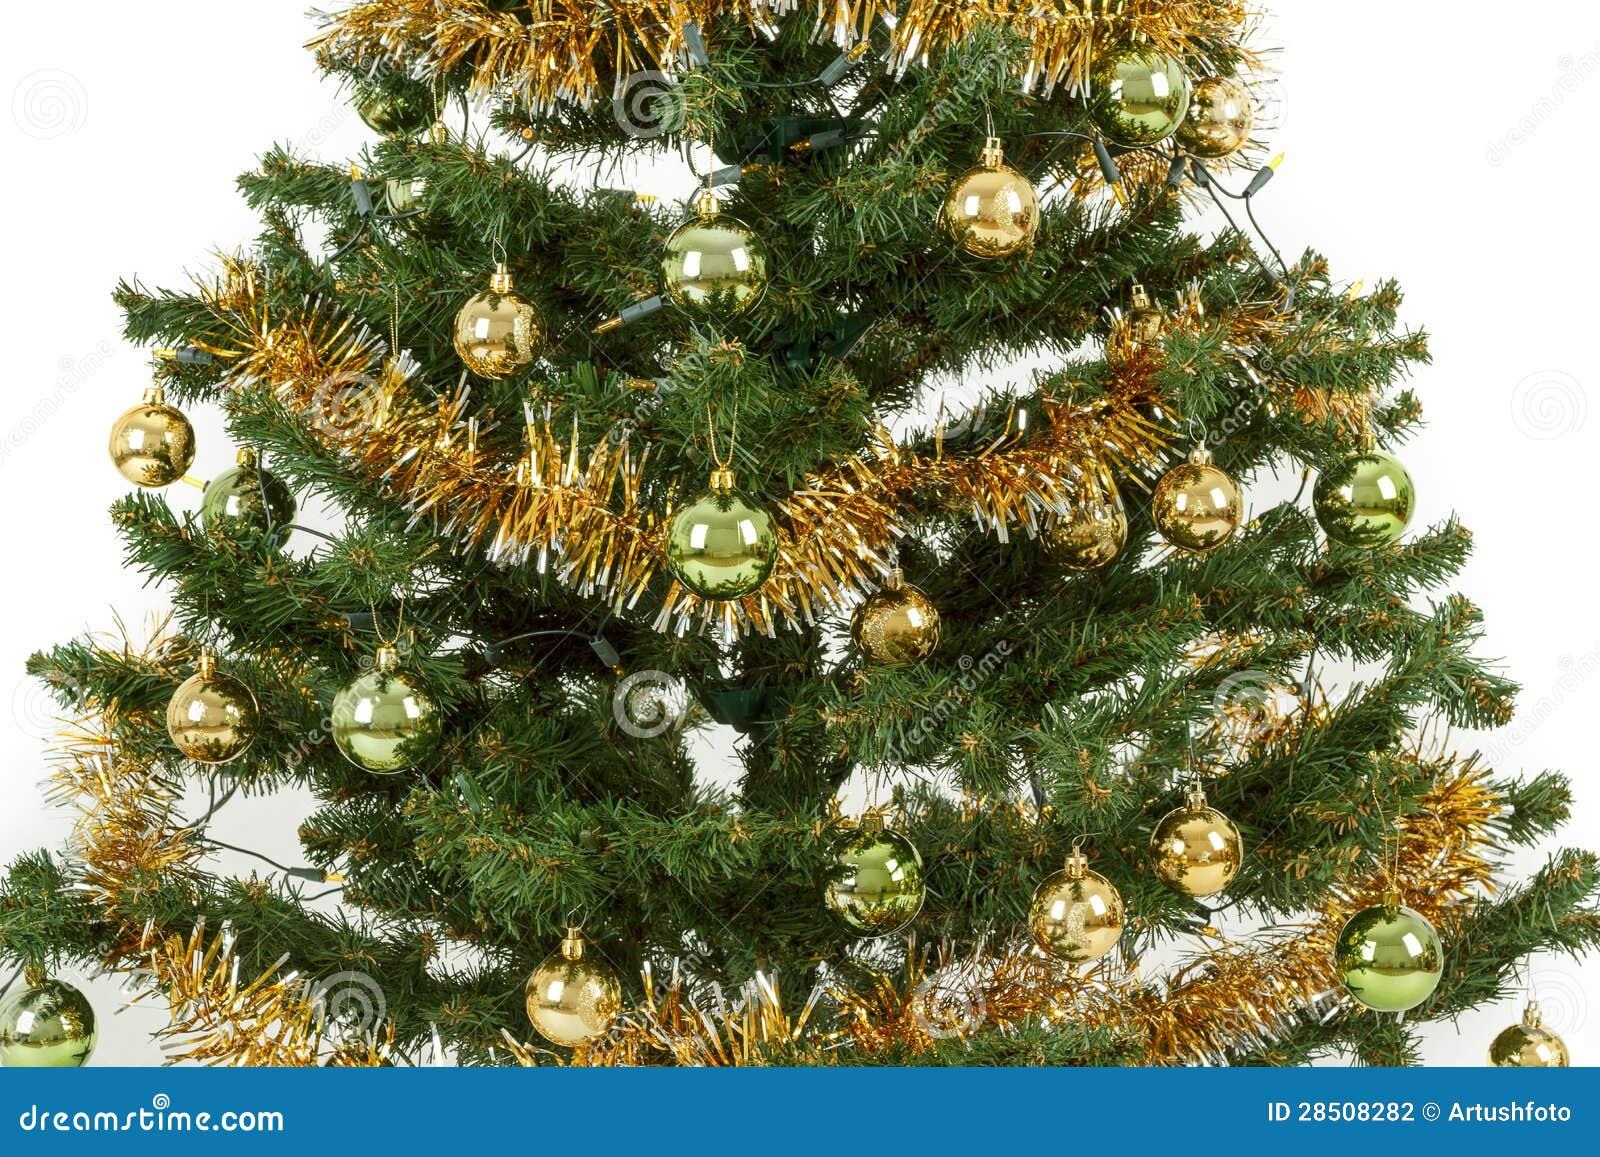 Albero di natale decorato con le palle gialle e verdi - Decorazioni gialle ...